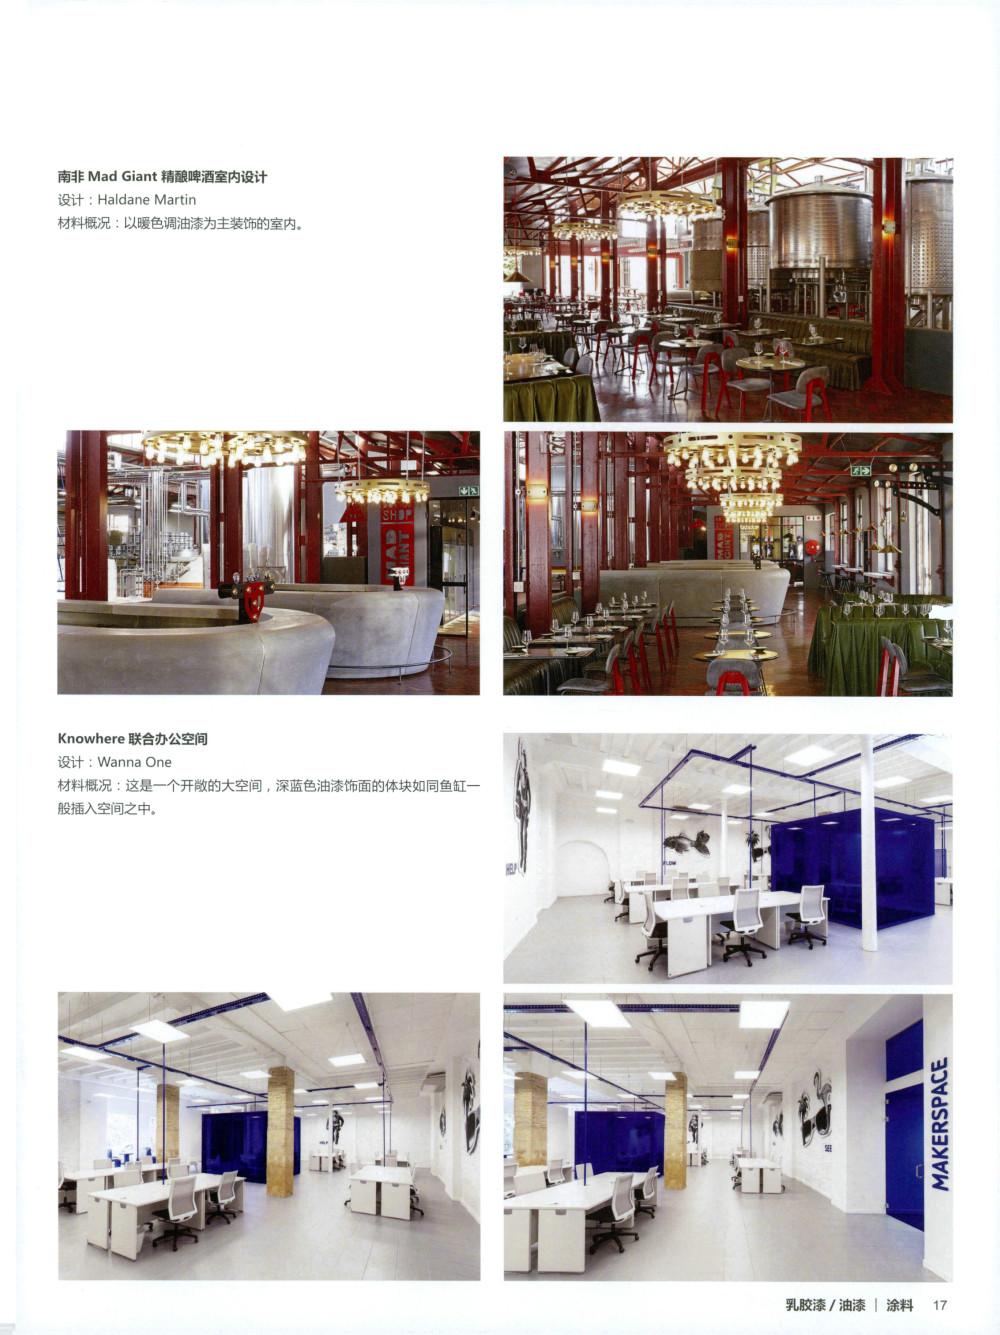 《设计师的材料清单·室内篇》(含高清PDF+JPG图片_0017.jpg